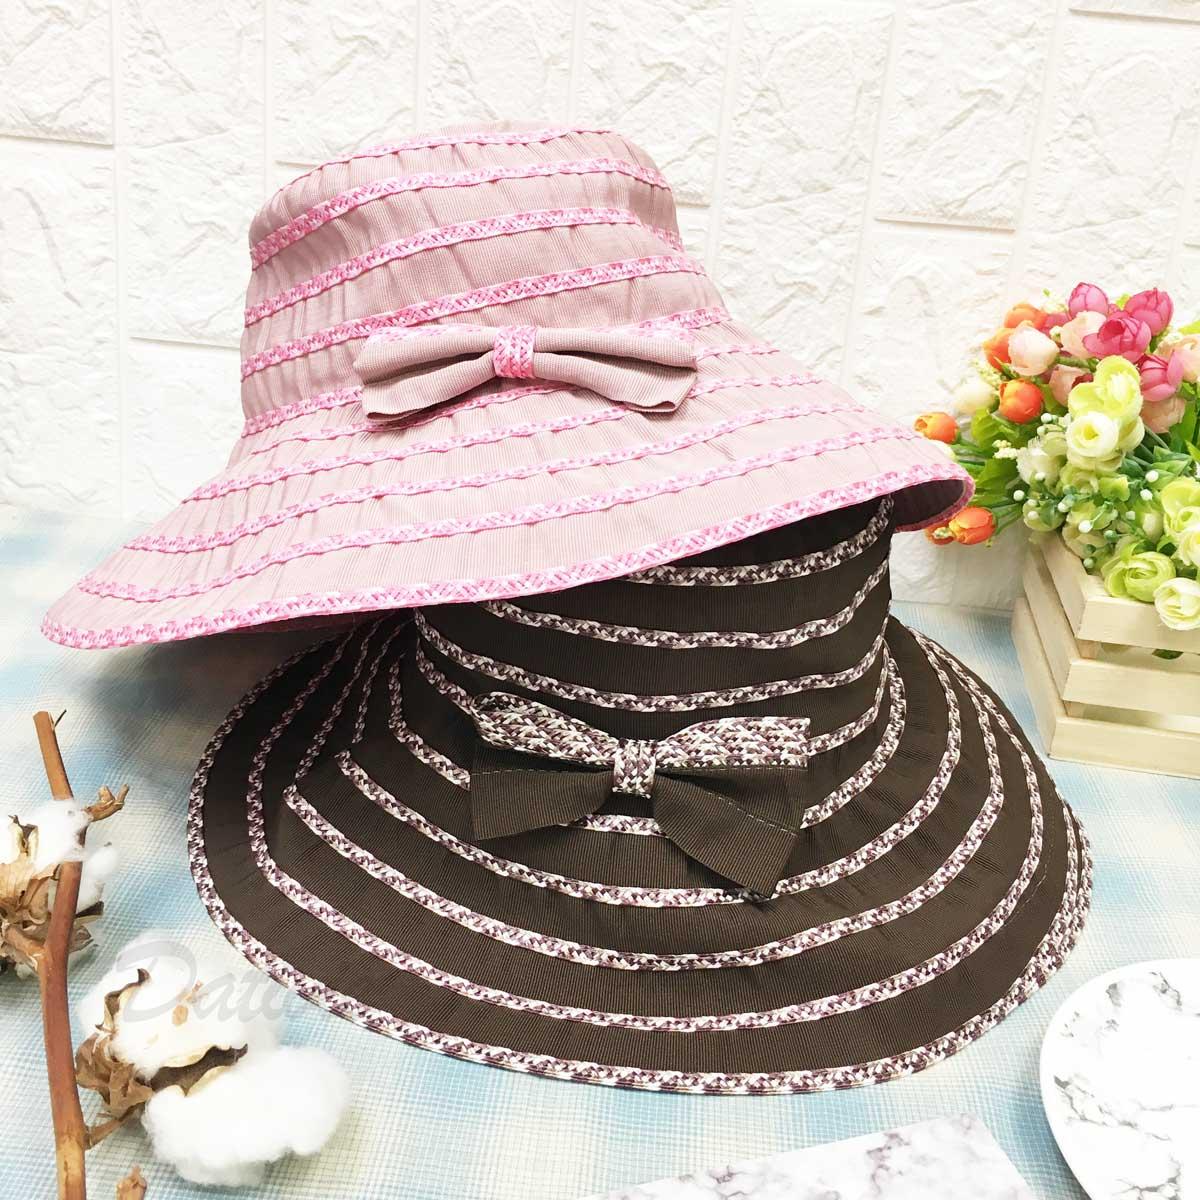 配色 小蝴蝶結 層次 抗UV 涼感 頭圍可調鬆緊 帽子 遮陽帽 淑女帽